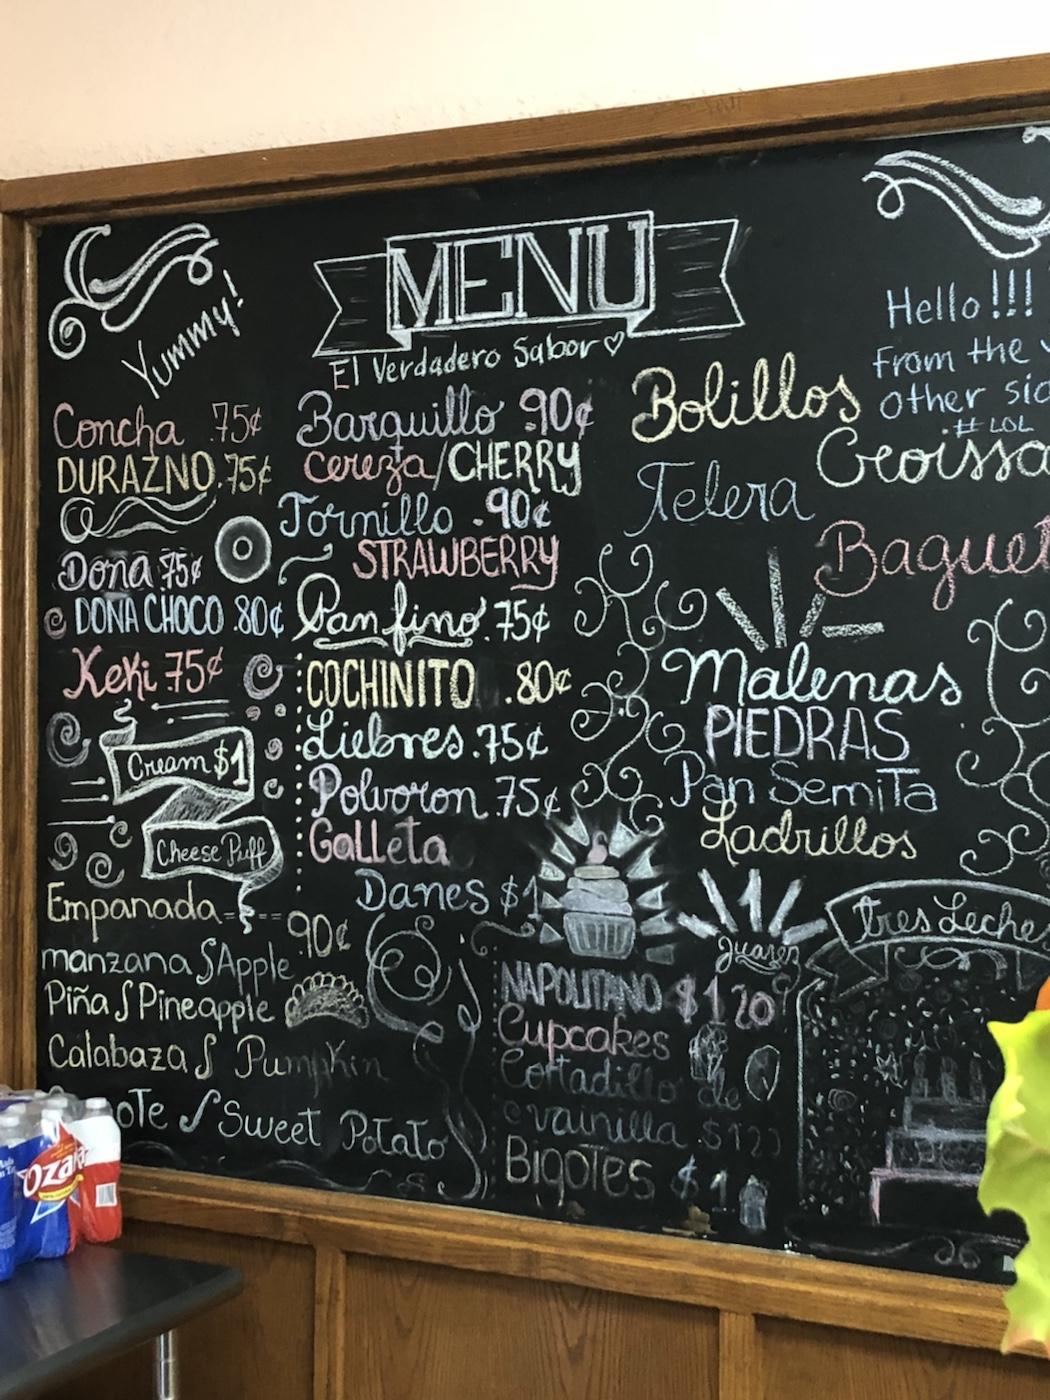 Juarez Bakery